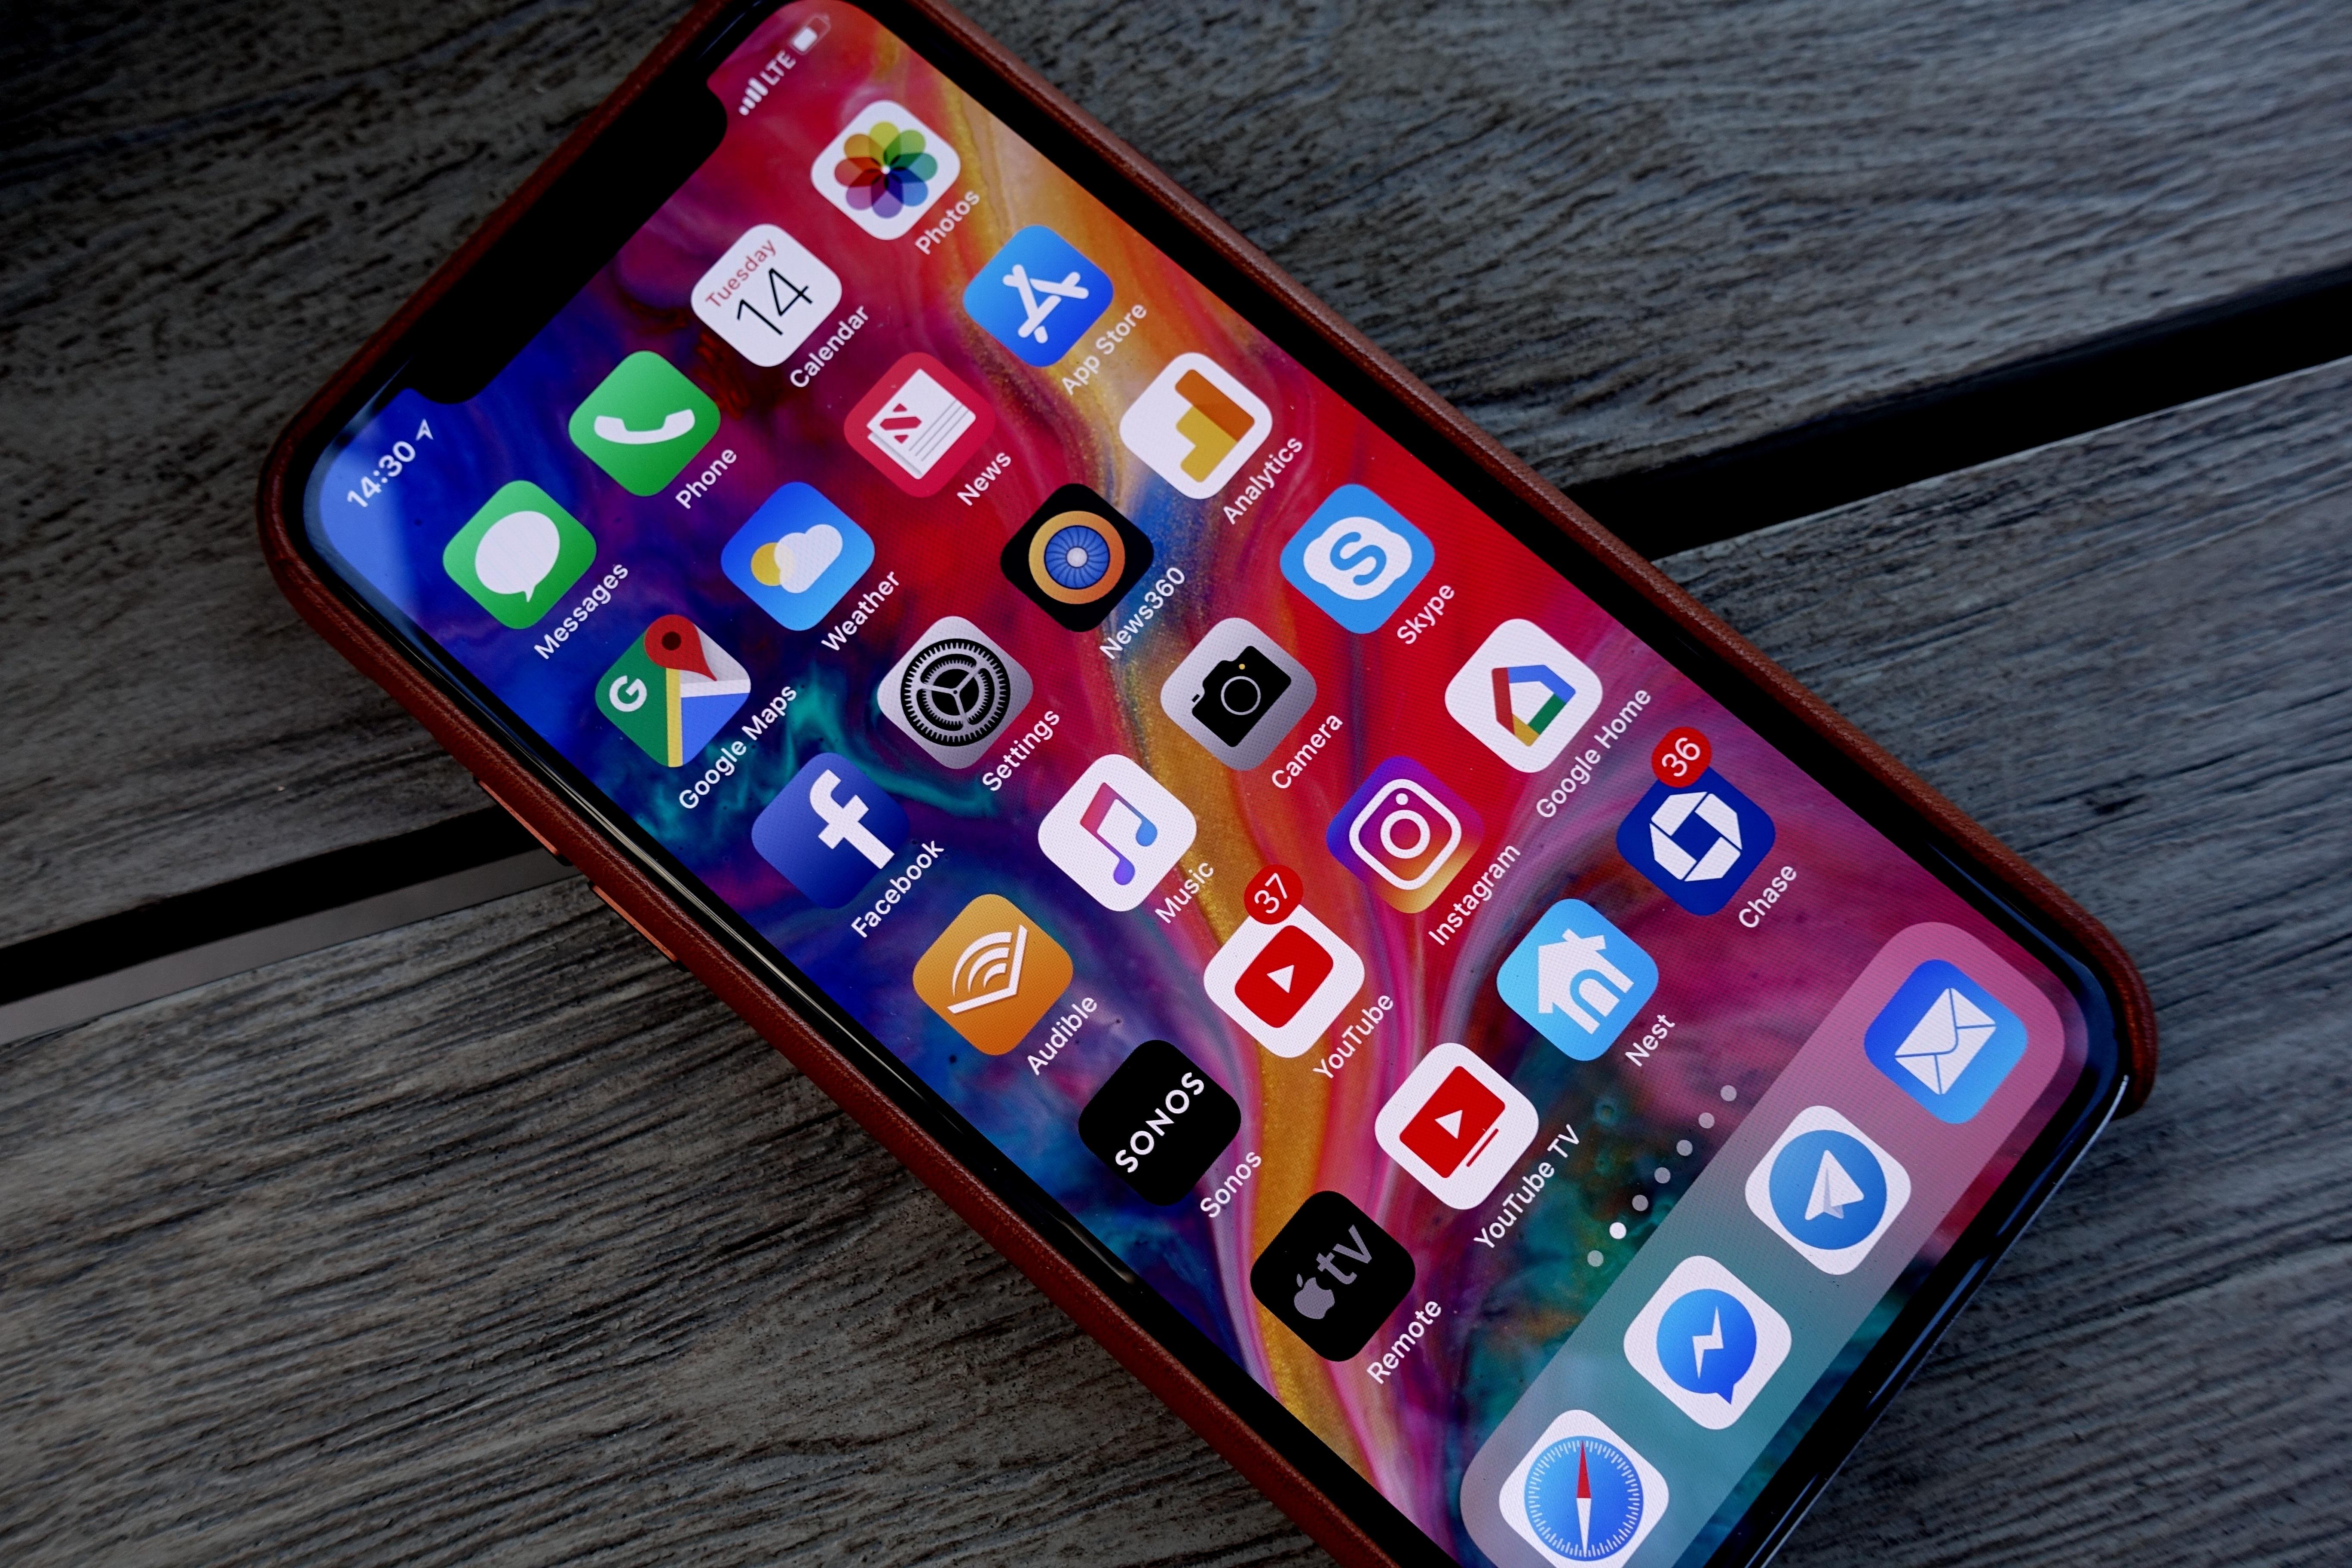 En lang rekke iPhone X-eiere har opplevd problemer med skjermen. Nå kan enkelte av dem få problemet fikset uten kostnad.